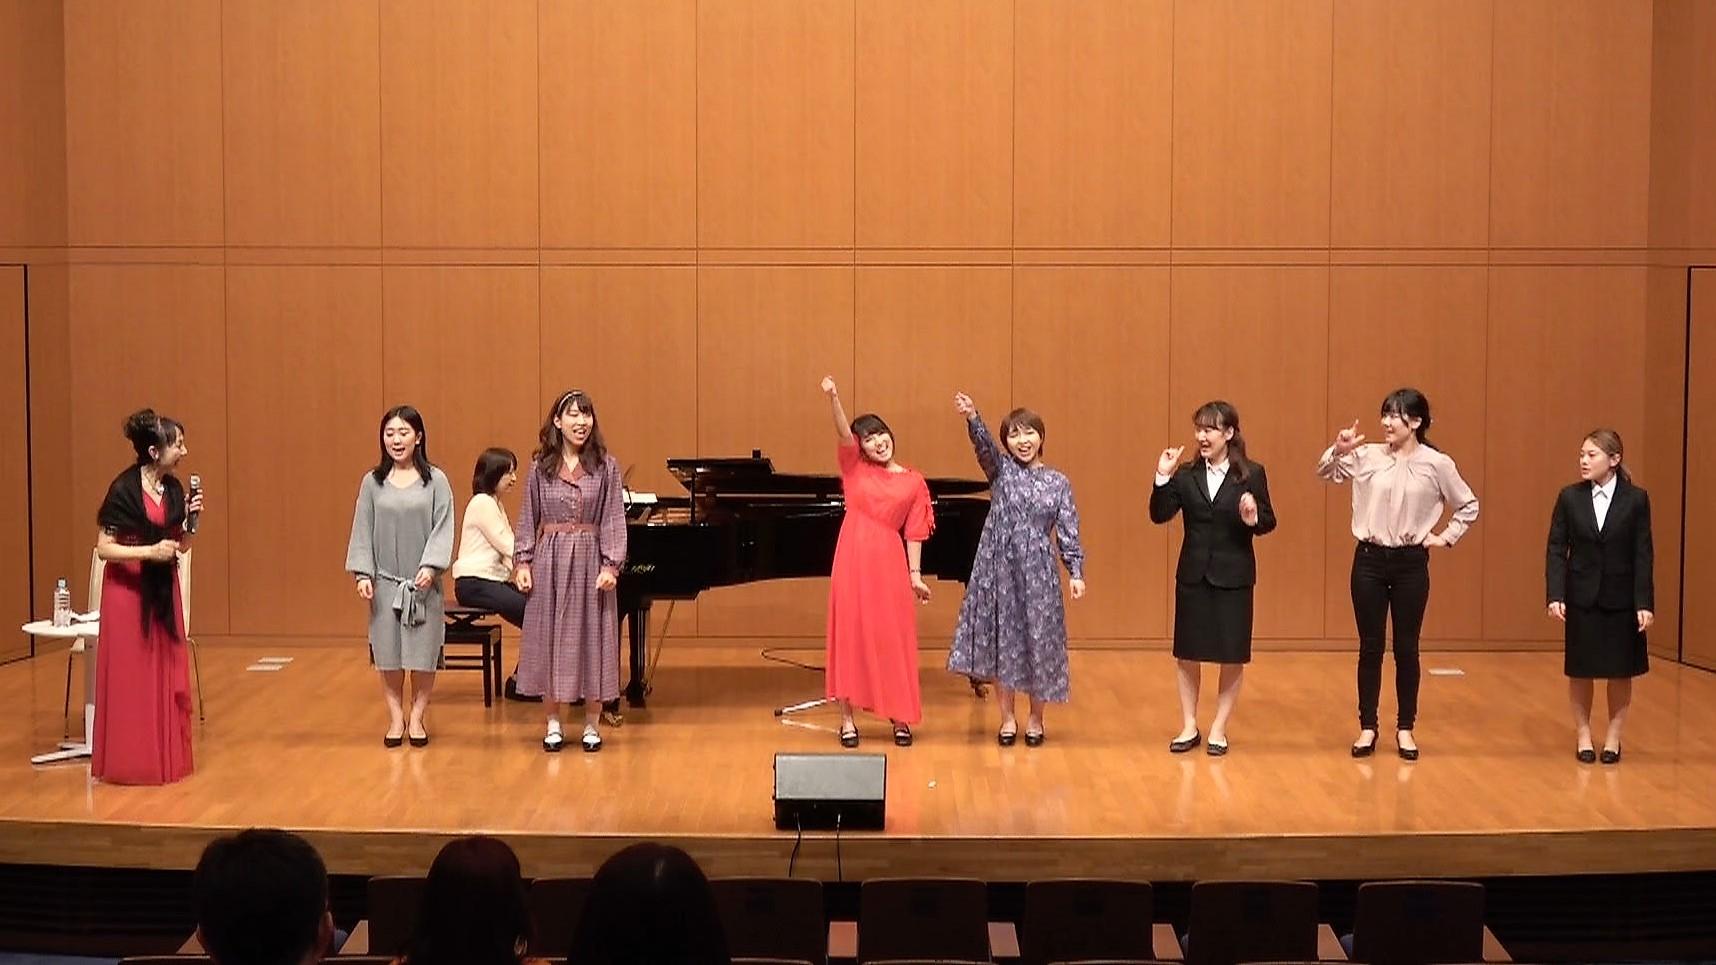 ミュージカルを楽しむために~吉岡小鼓音先生の公開講座が行われました~